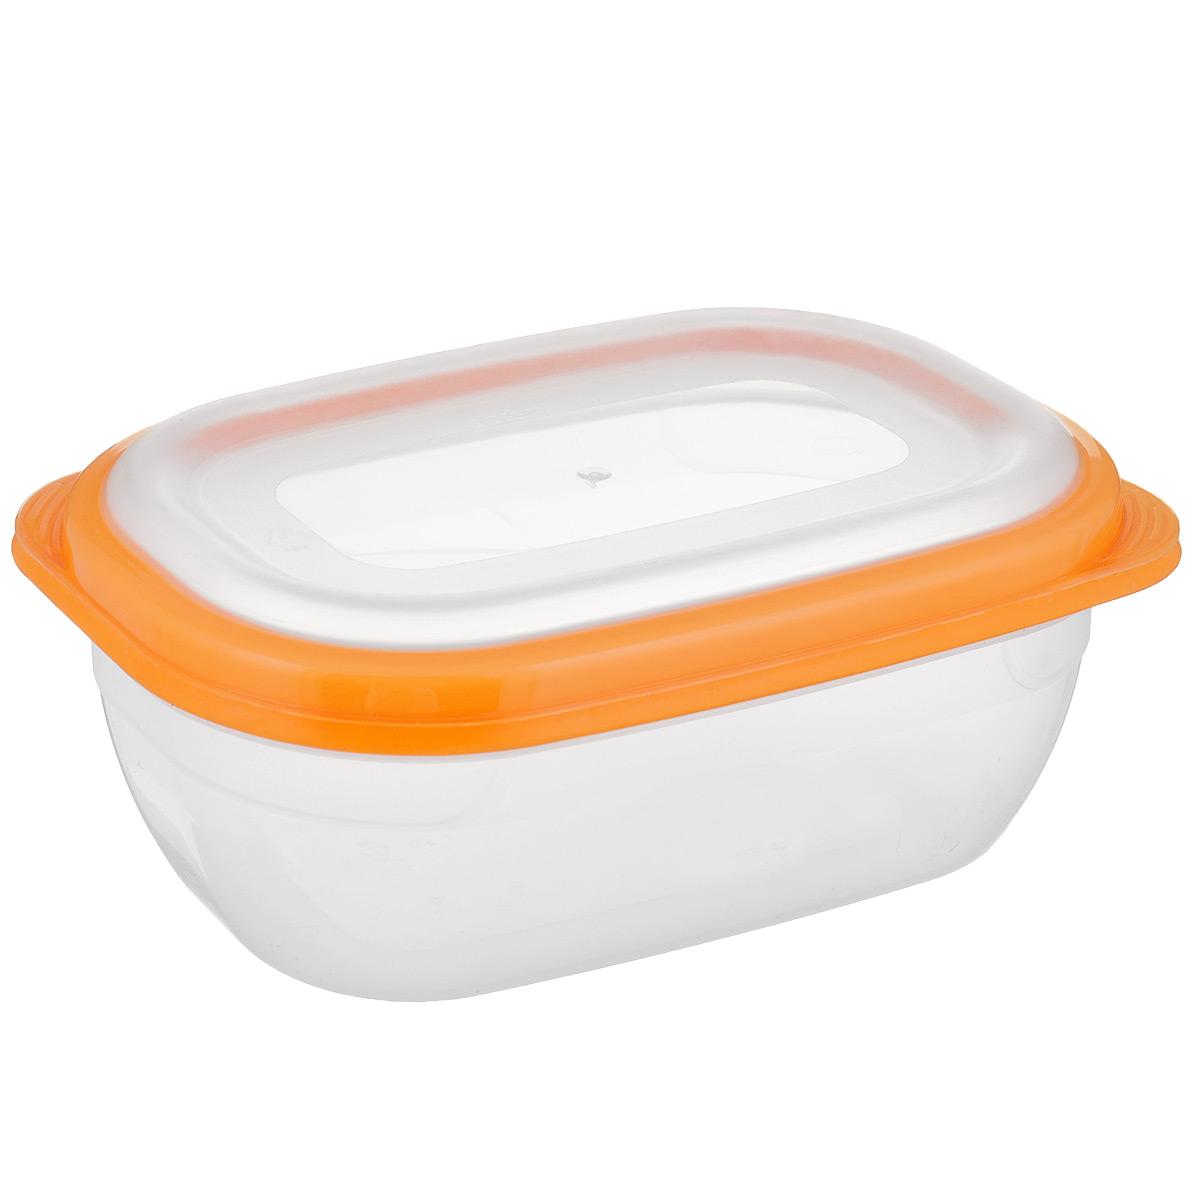 Контейнер для СВЧ Полимербыт Премиум, цвет: оранжевый, прозрачный, 0,5 л54 009303Прямоугольный контейнер для СВЧ Полимербыт Премиум изготовлен из высококачественного прочного пластика, устойчивого к высоким температурам (до +110°С). Крышка плотно и герметично закрывается, дольше сохраняя продукты свежими и вкусными. Контейнер идеально подходит для хранения пищи, его удобно брать с собой на работу, учебу, пикник или просто использовать для хранения пищи в холодильнике.Подходит для разогрева пищи в микроволновой печи и для заморозки в морозильной камере (при минимальной температуре -40°С). Можно мыть в посудомоечной машине.